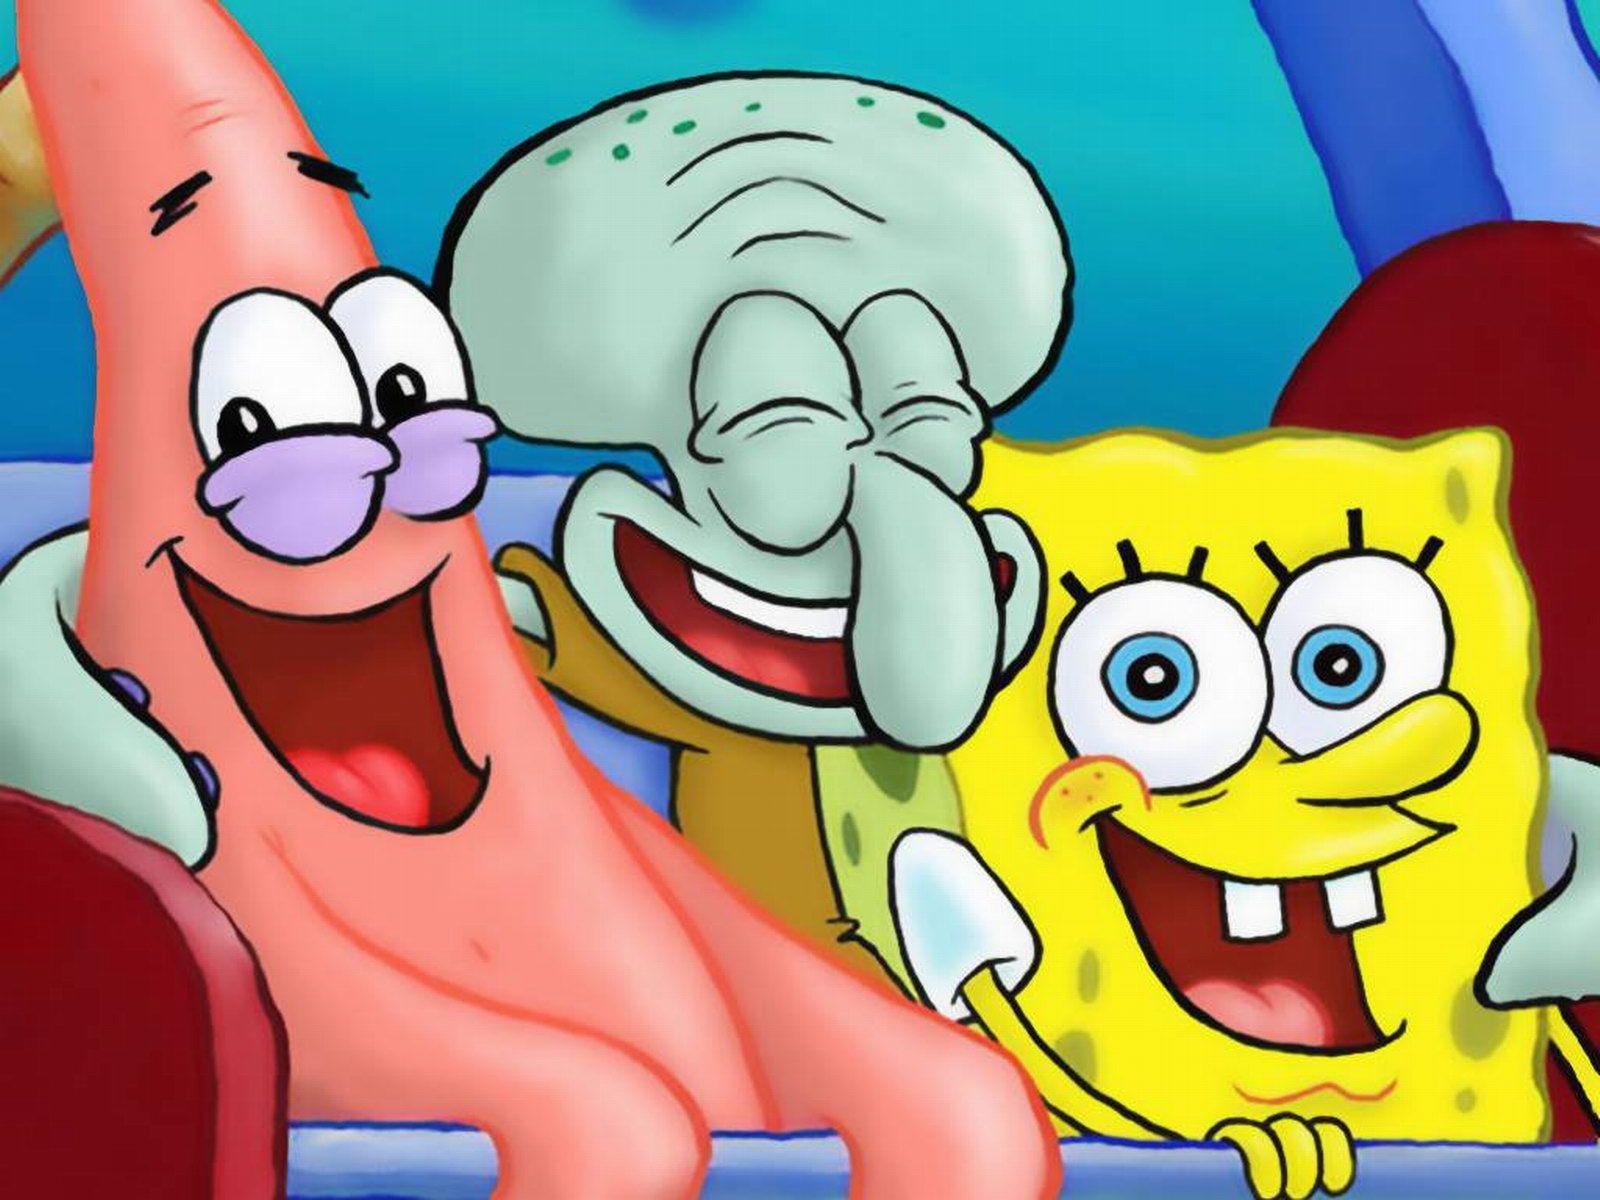 Spongebob Squarepants Patrick Star and Squidward Tentacles